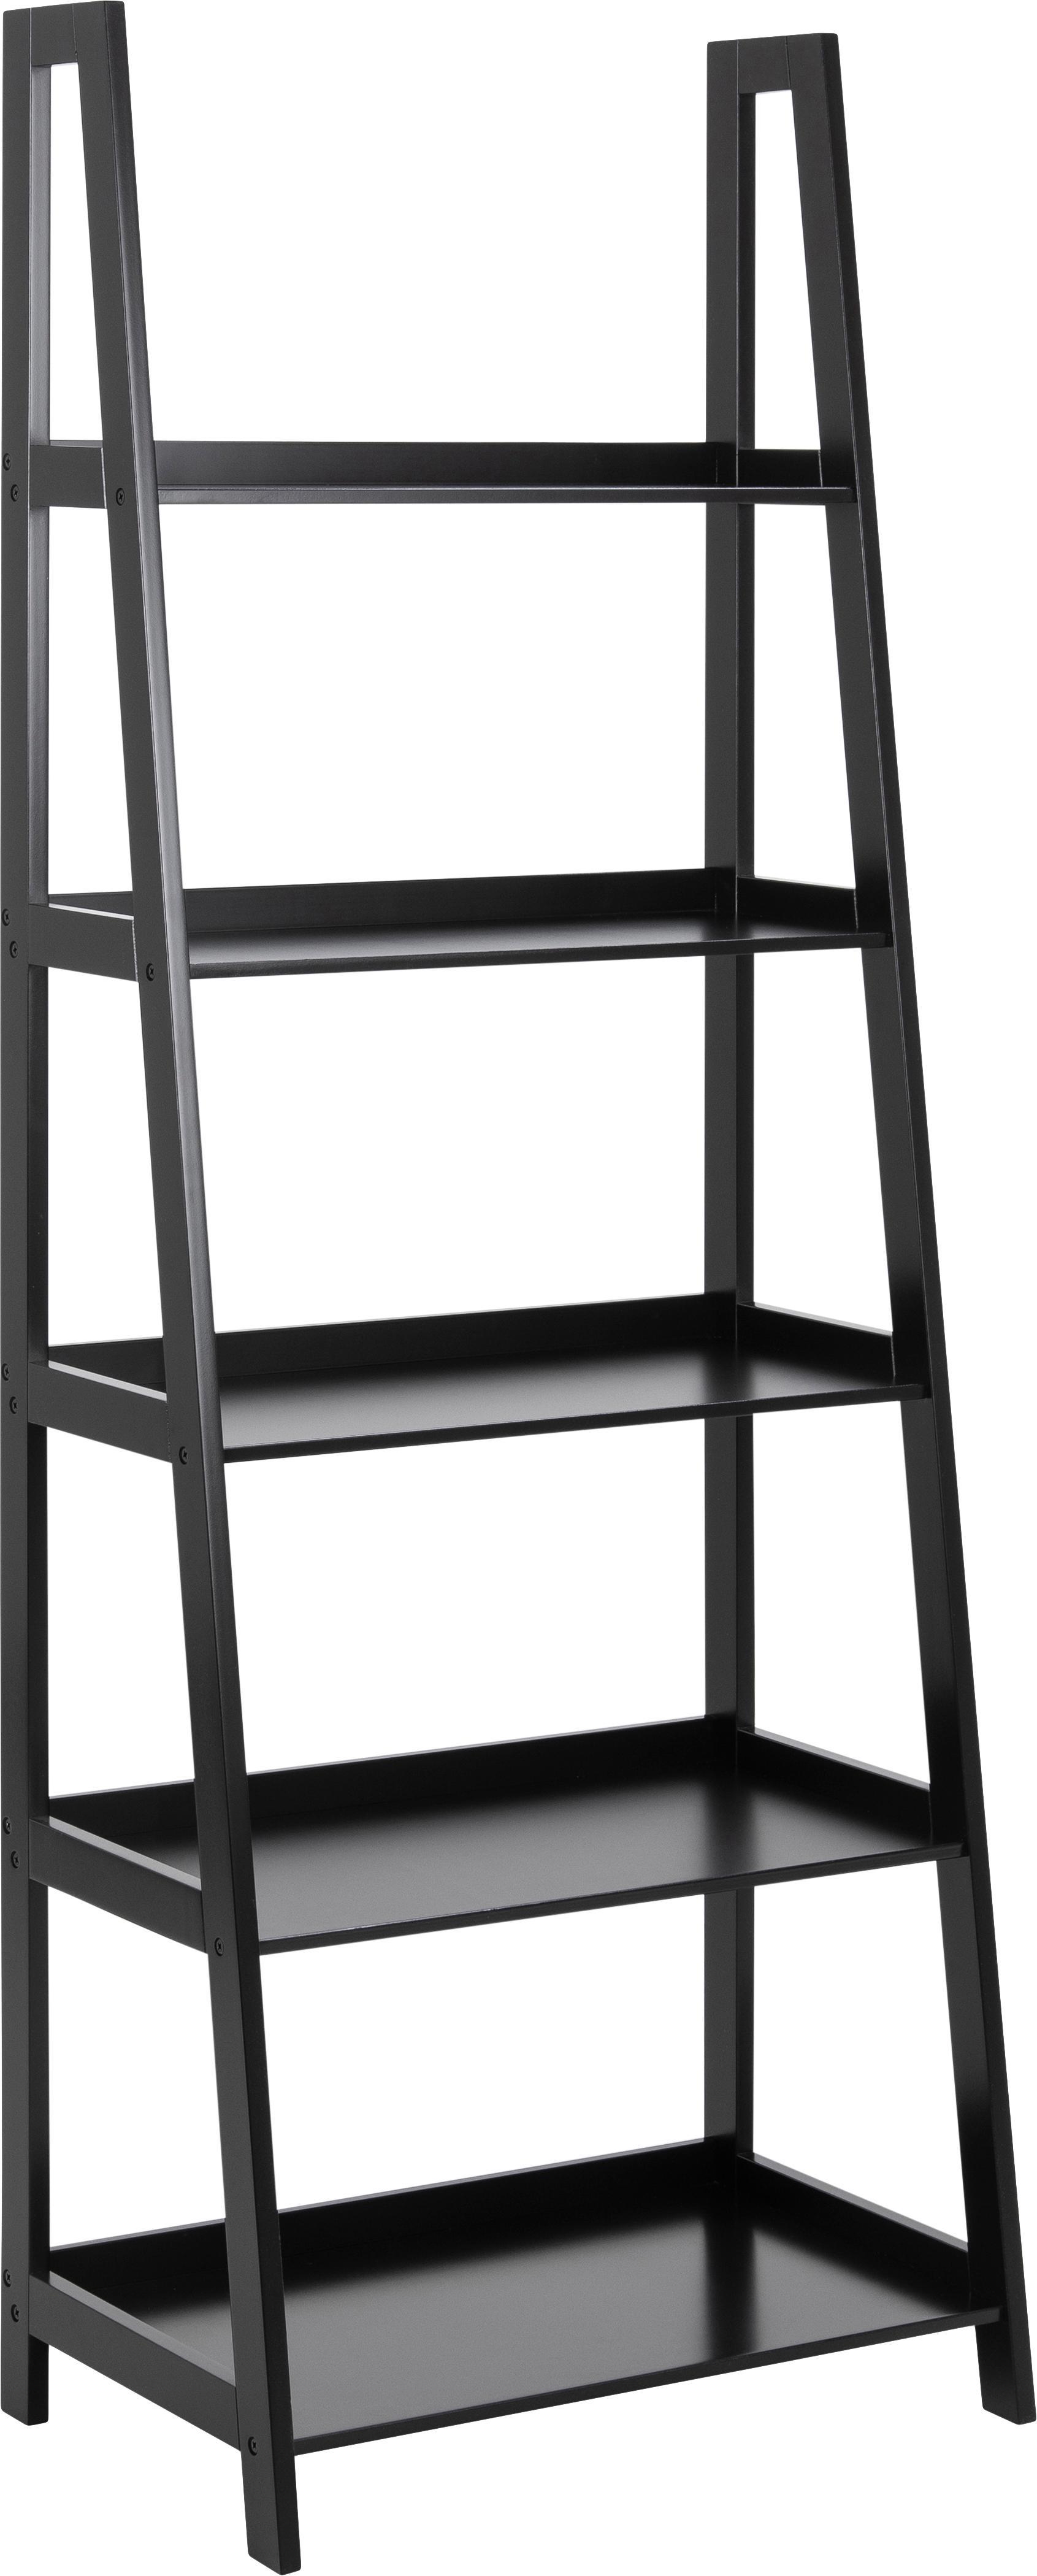 Estantería escalera Wally, Tablero de fibras de densidad media(MDF) pintado, Negro, An 63 x Al 180 cm